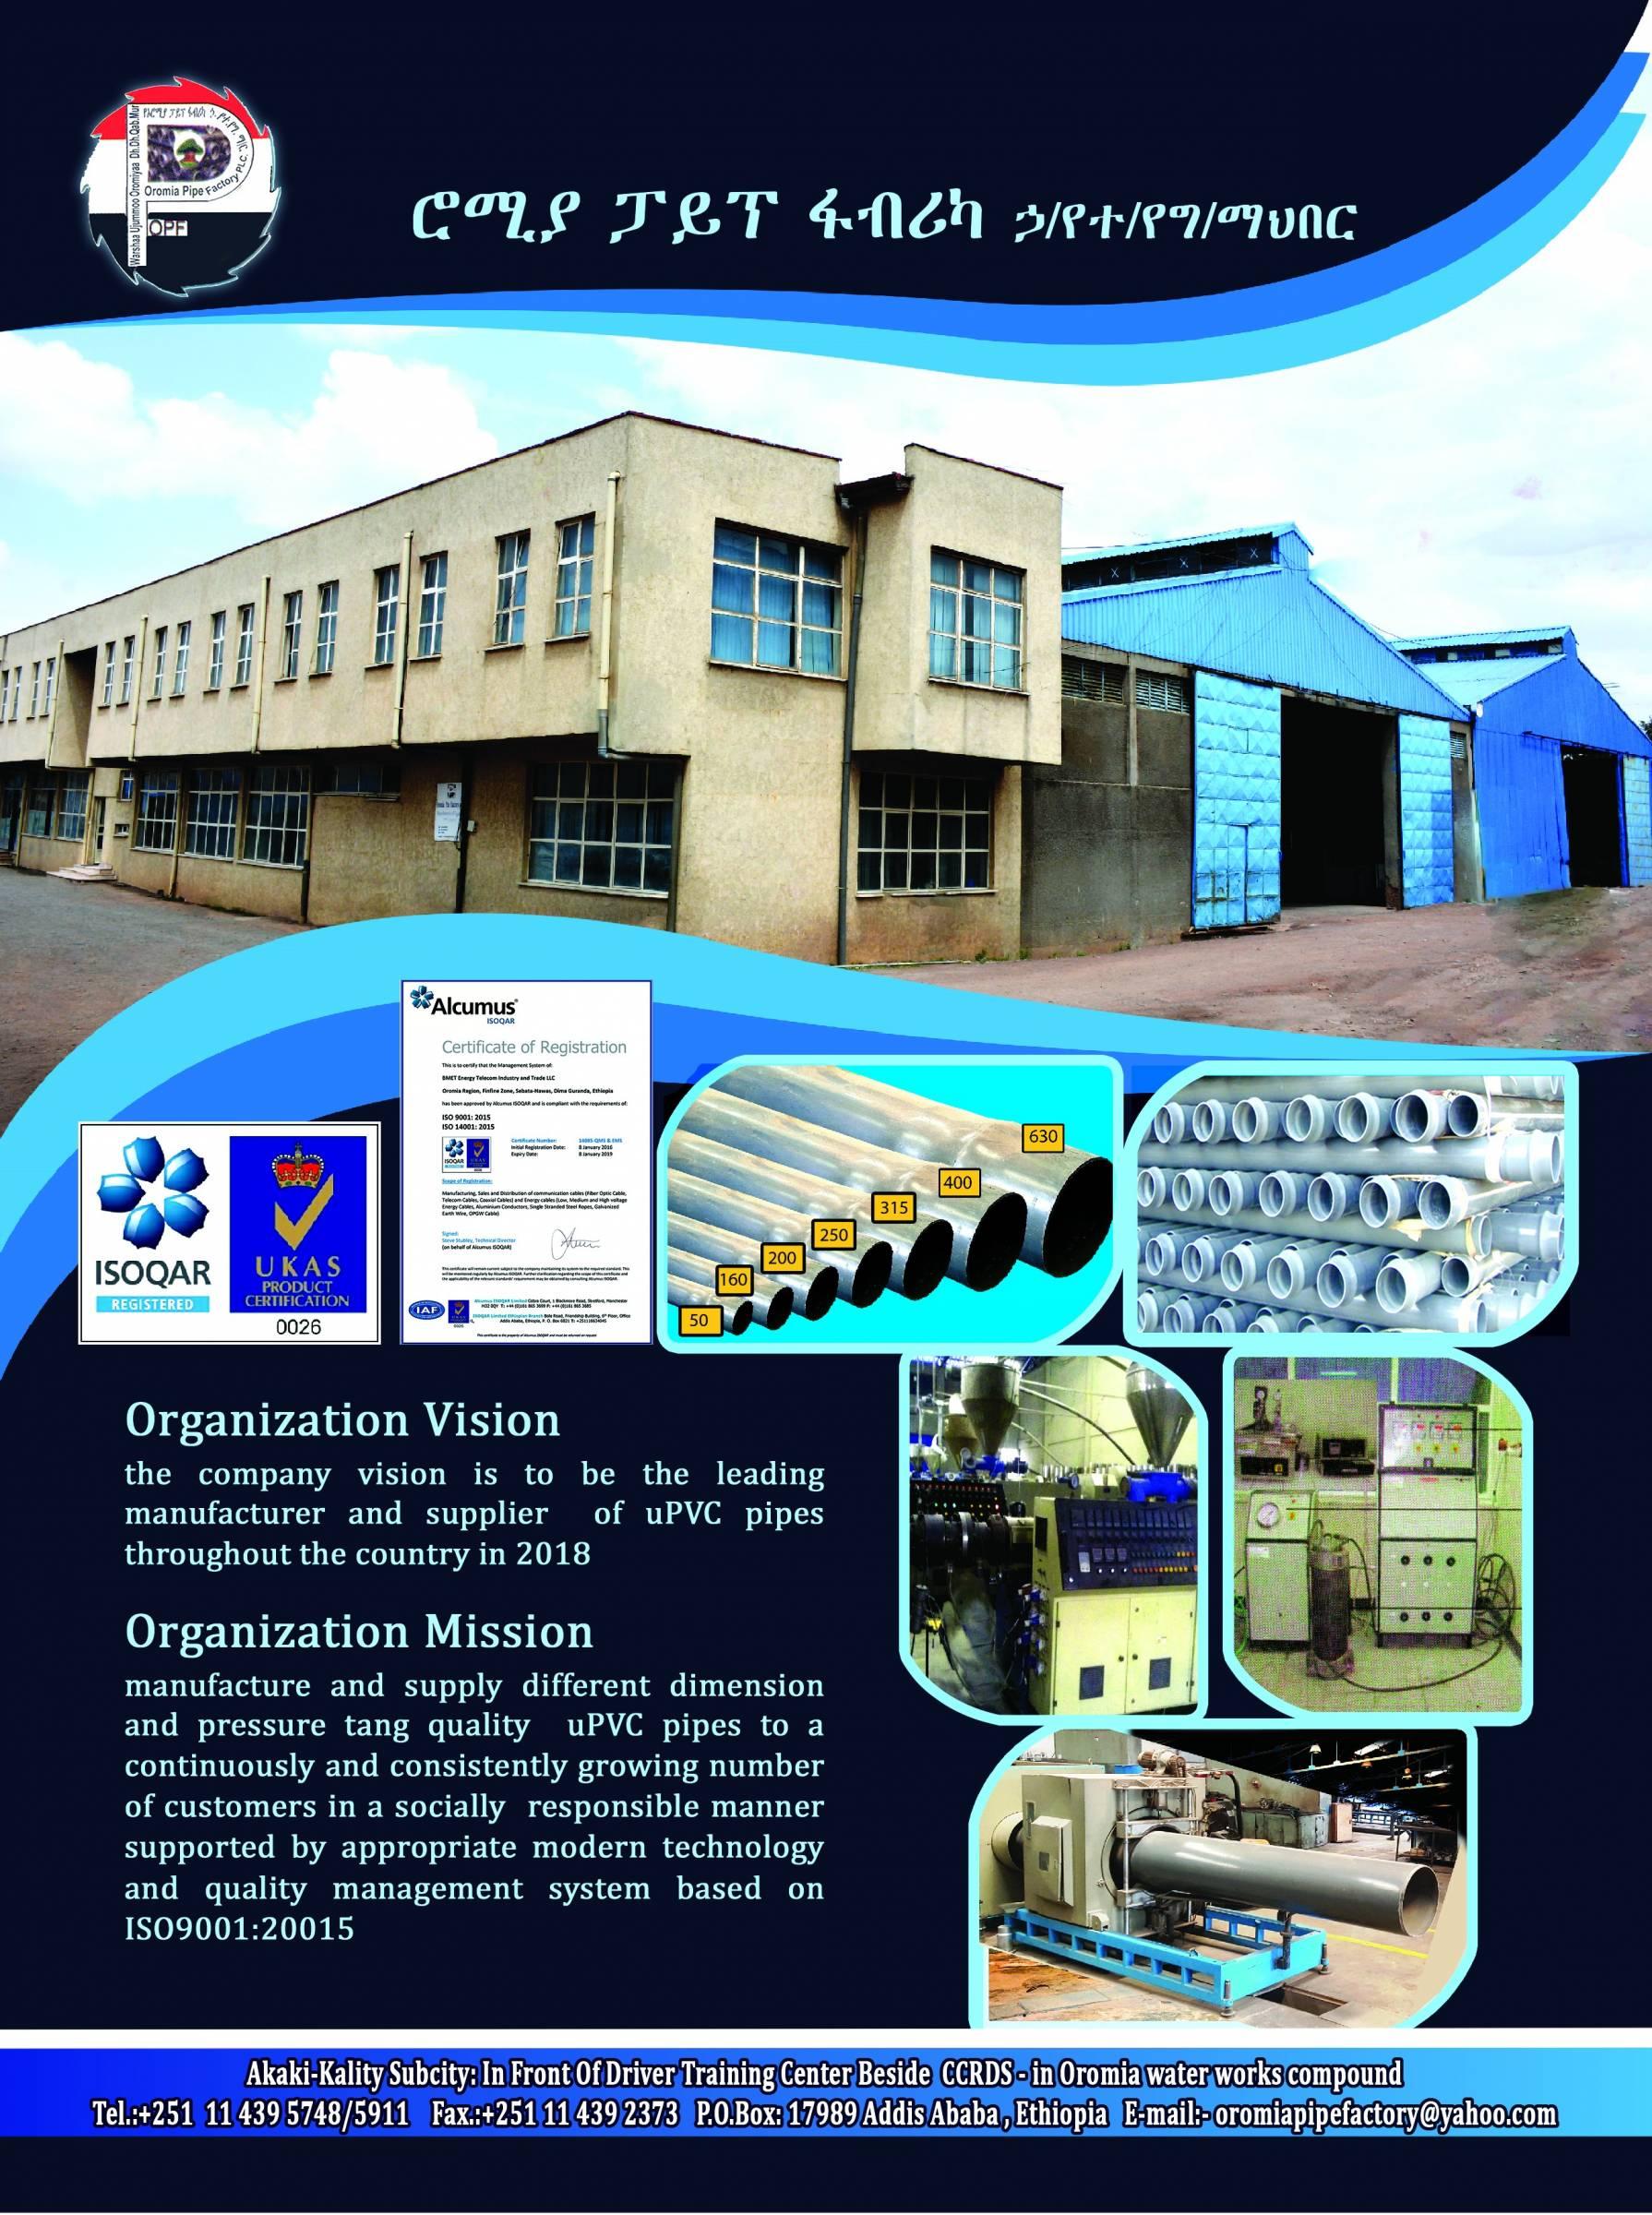 Oromia Pipe Factory PLC (OPF)